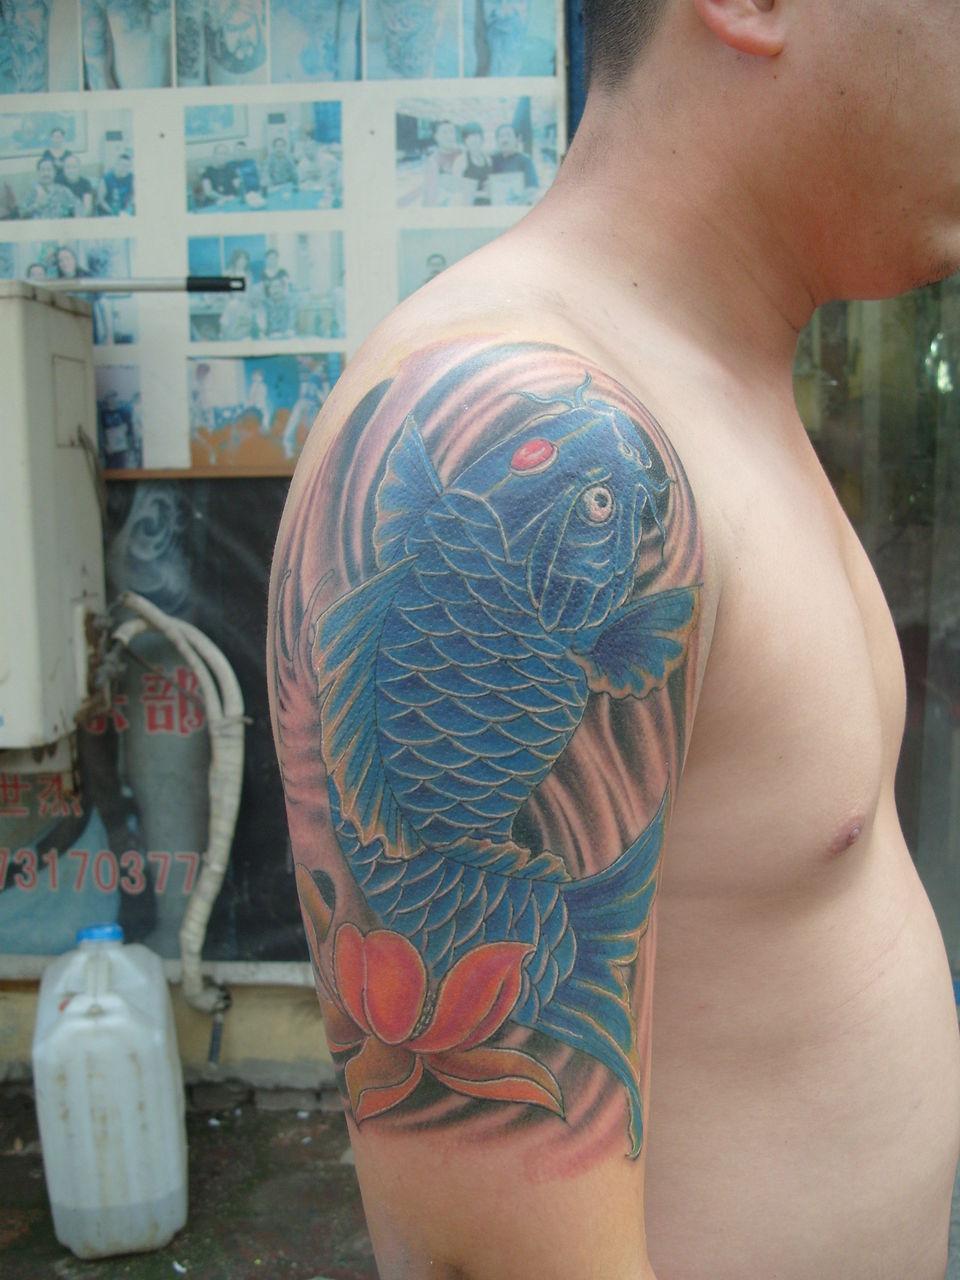 现在流行什么纹身呢?图片